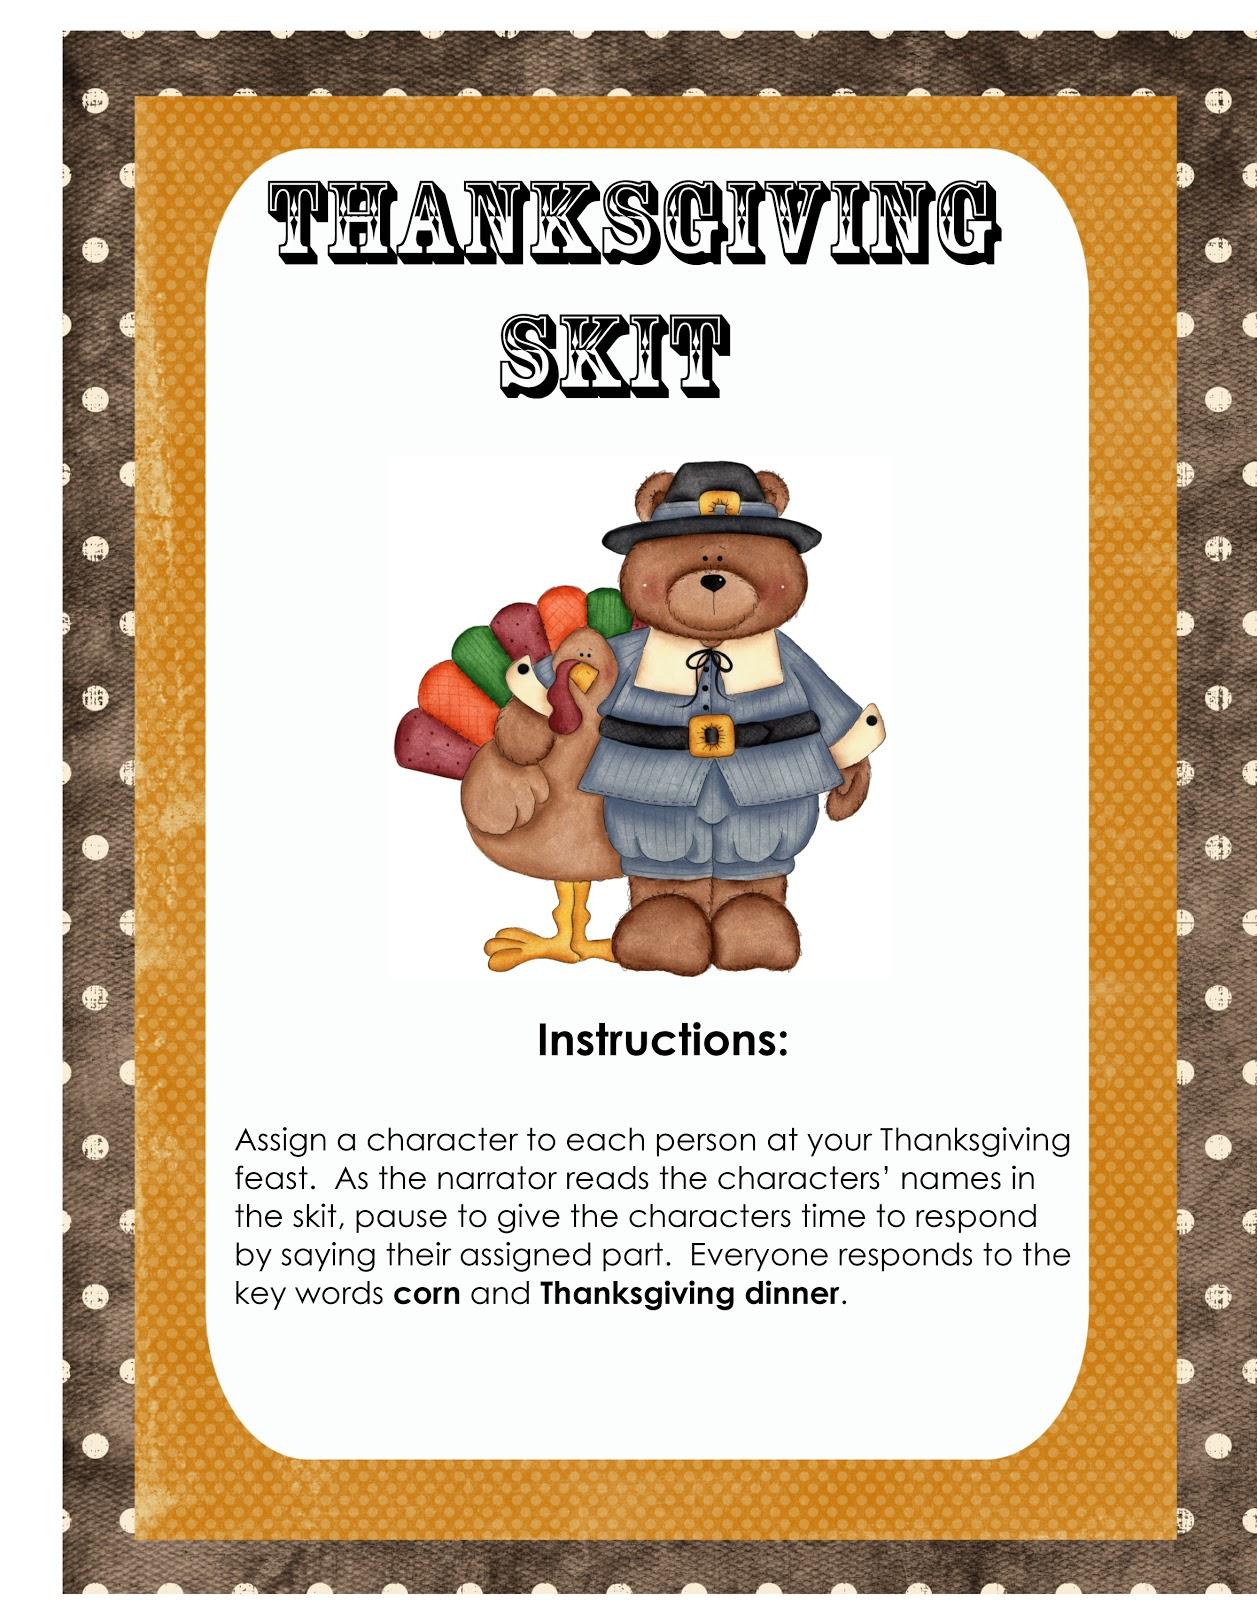 Thanksgiving Day skit